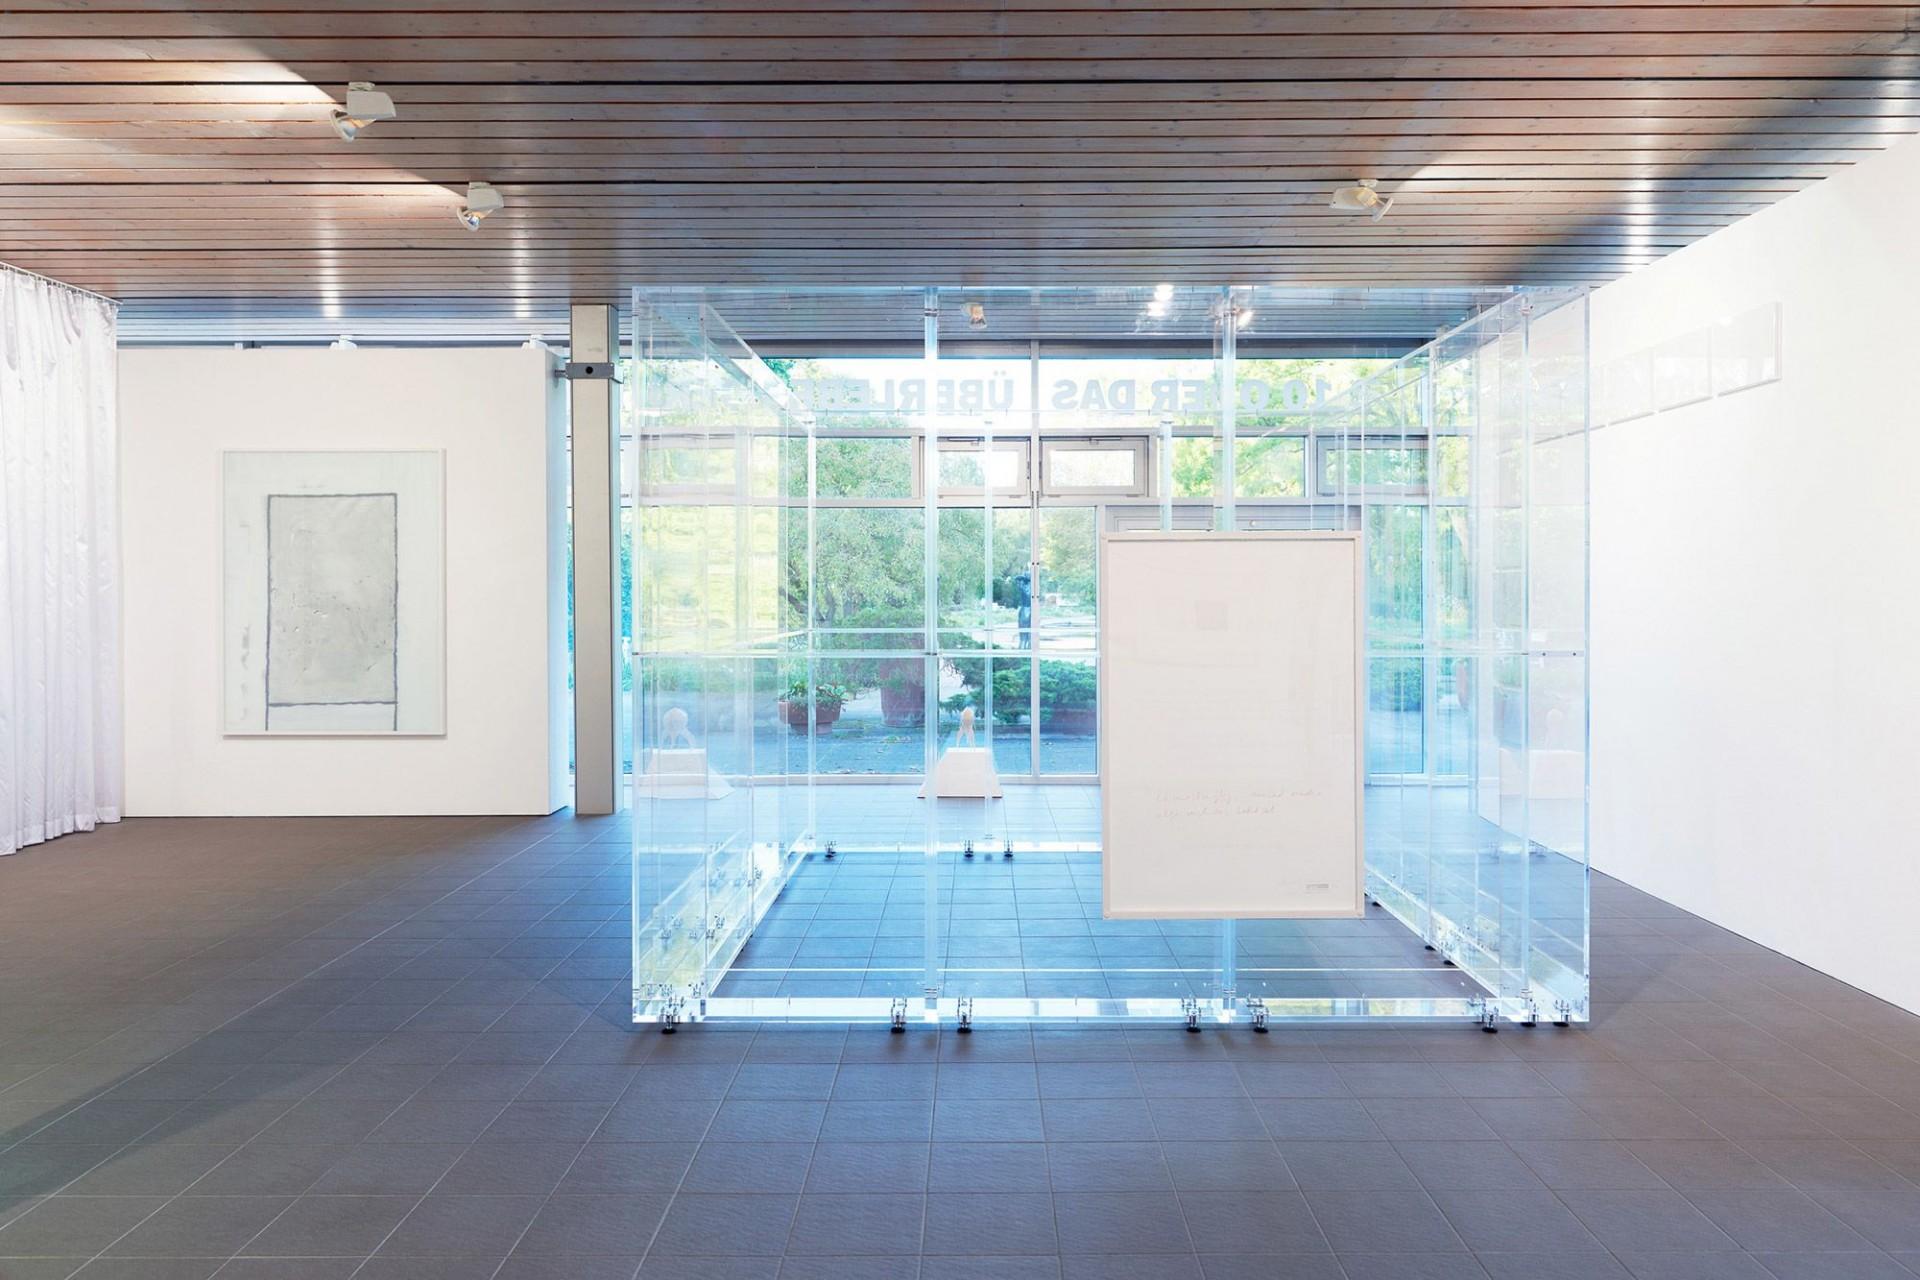 Interieurfotografie und Ausstellungsansichten aus Berlin BKV Kunstverein Potsdam